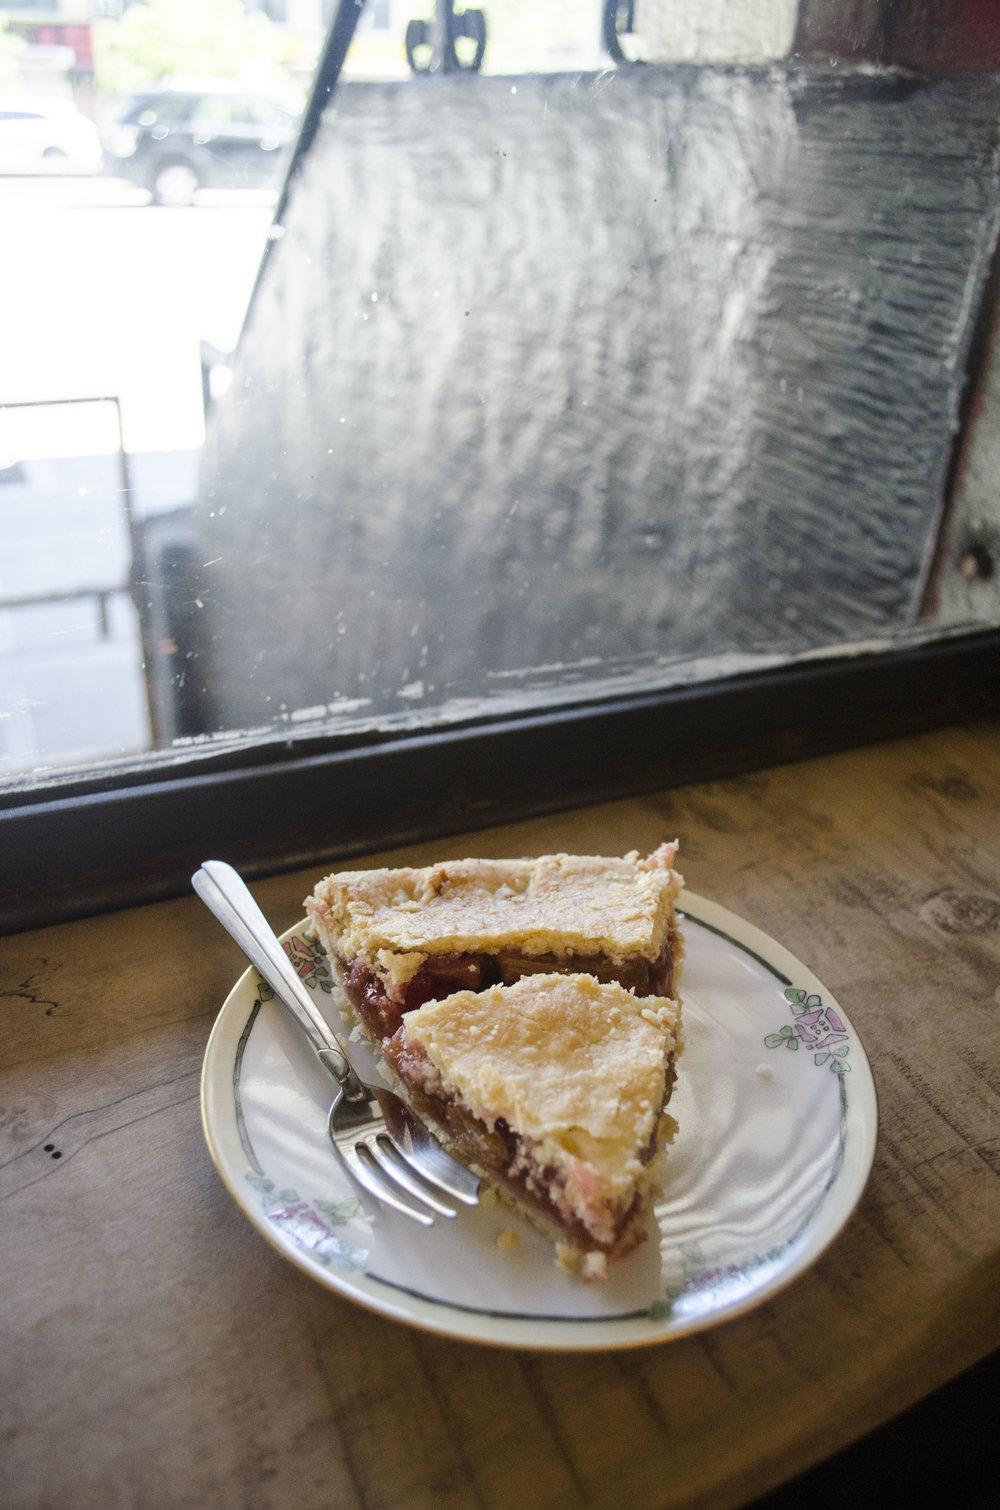 Petee pie company passerbuys passerguide7.jpg